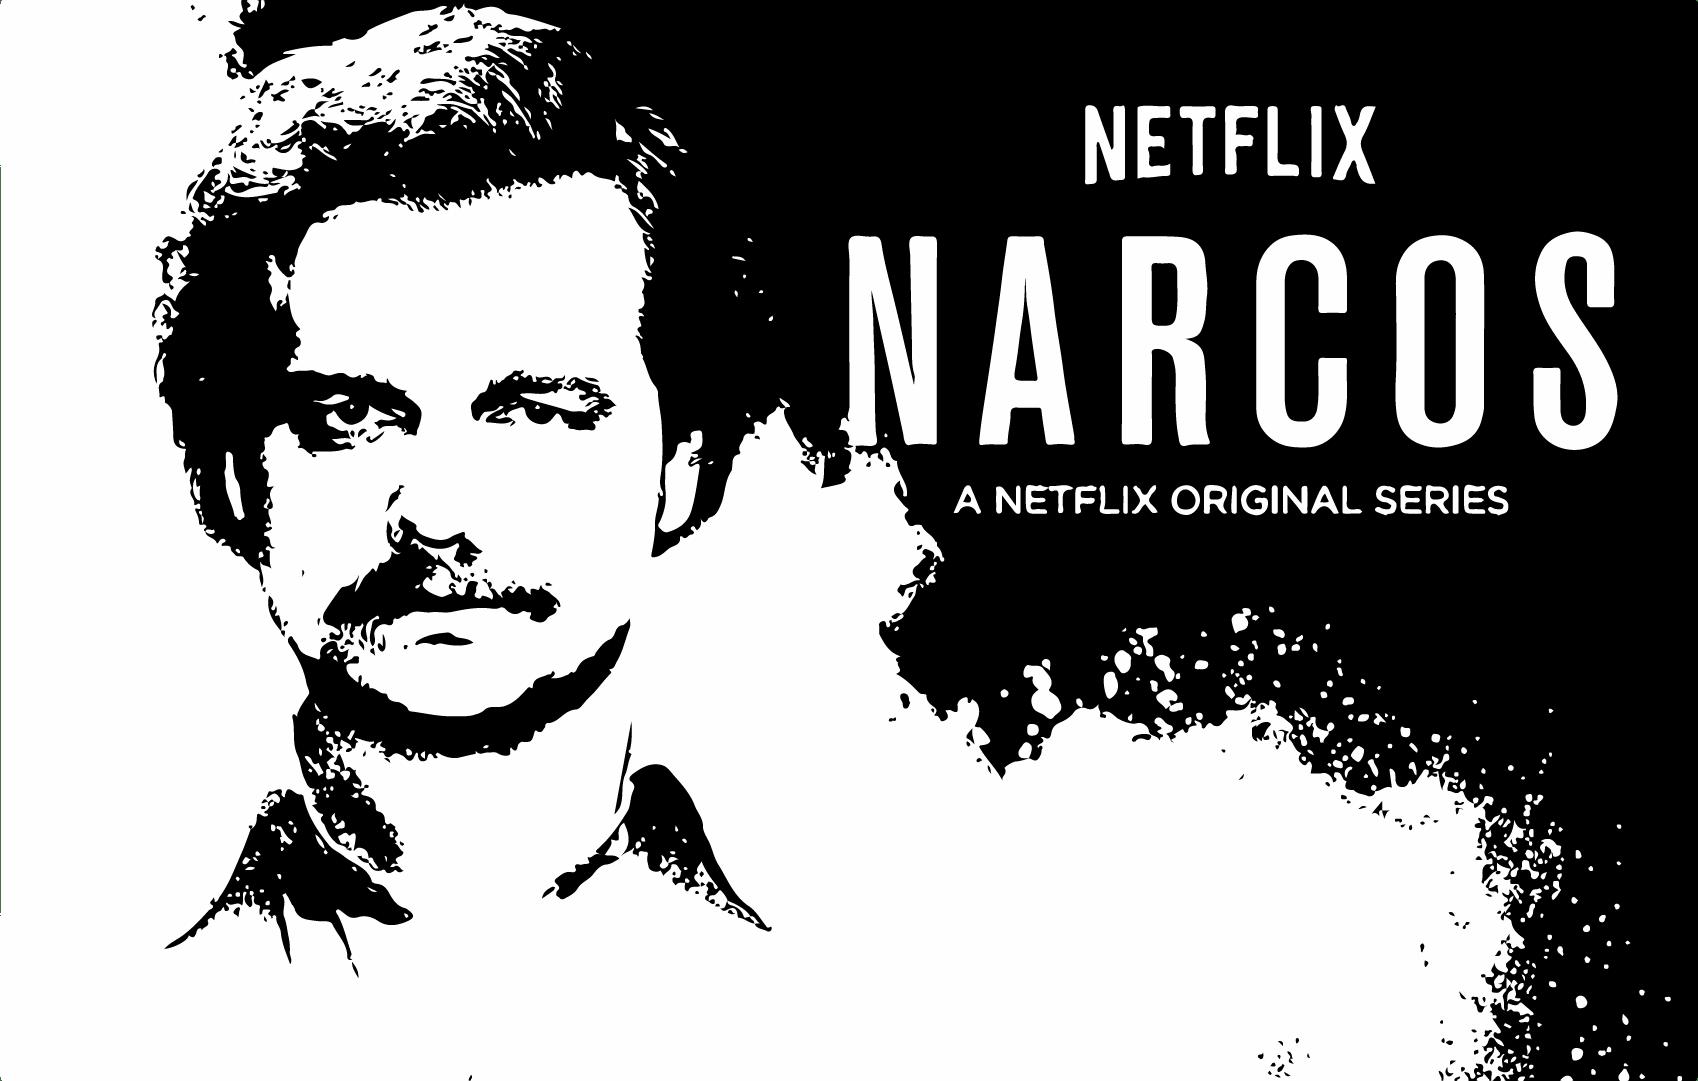 Pablo Escobar Quotes Wallpaper Netflix Wallpapers Wallpaper Cave